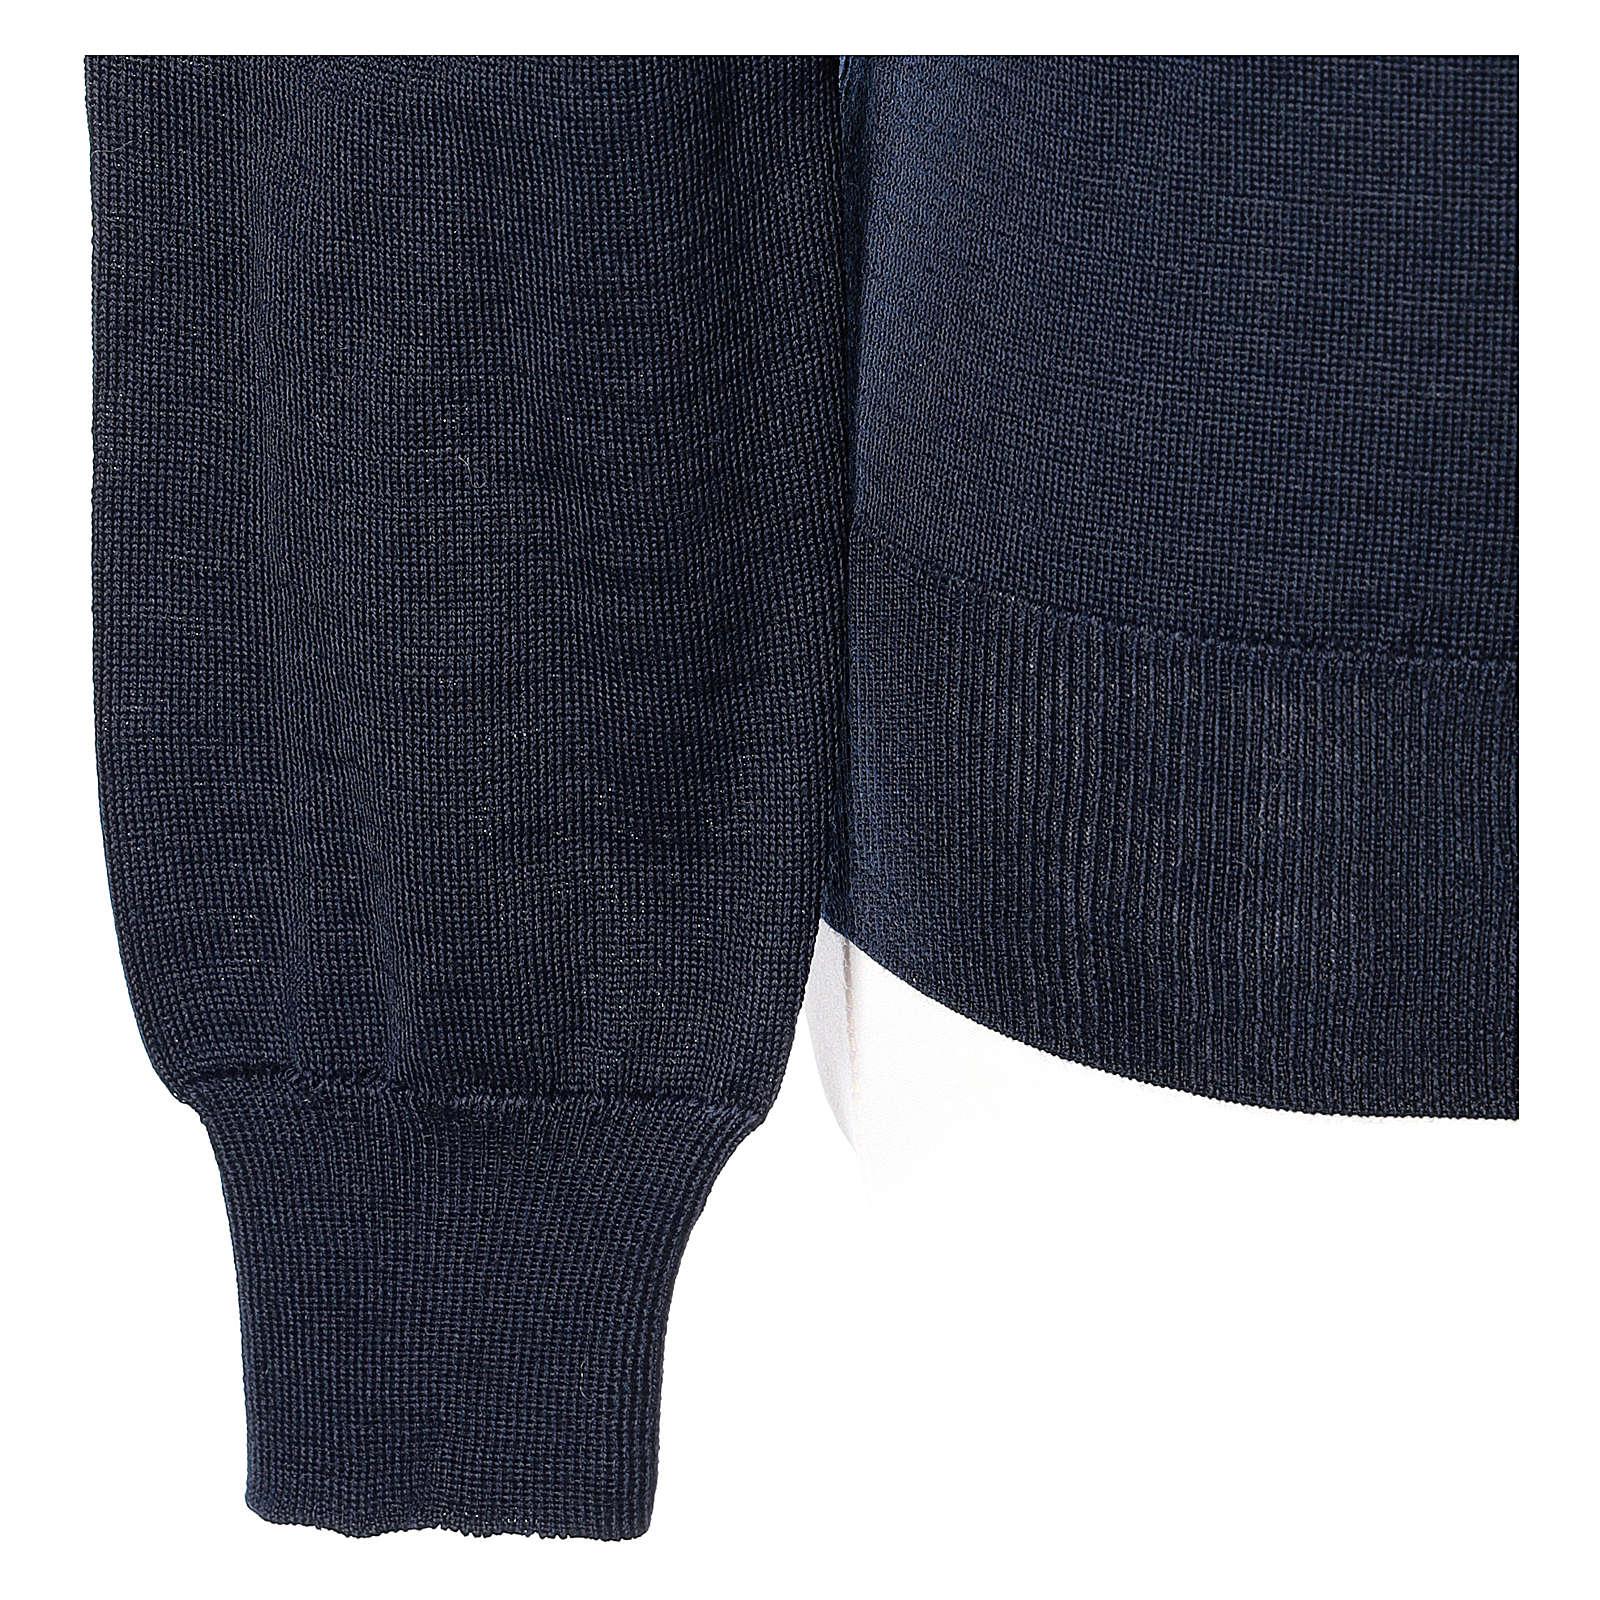 Pullover sacerdote blu maglia rasata collo a V 50% lana merino 50% acrilico In Primis 4